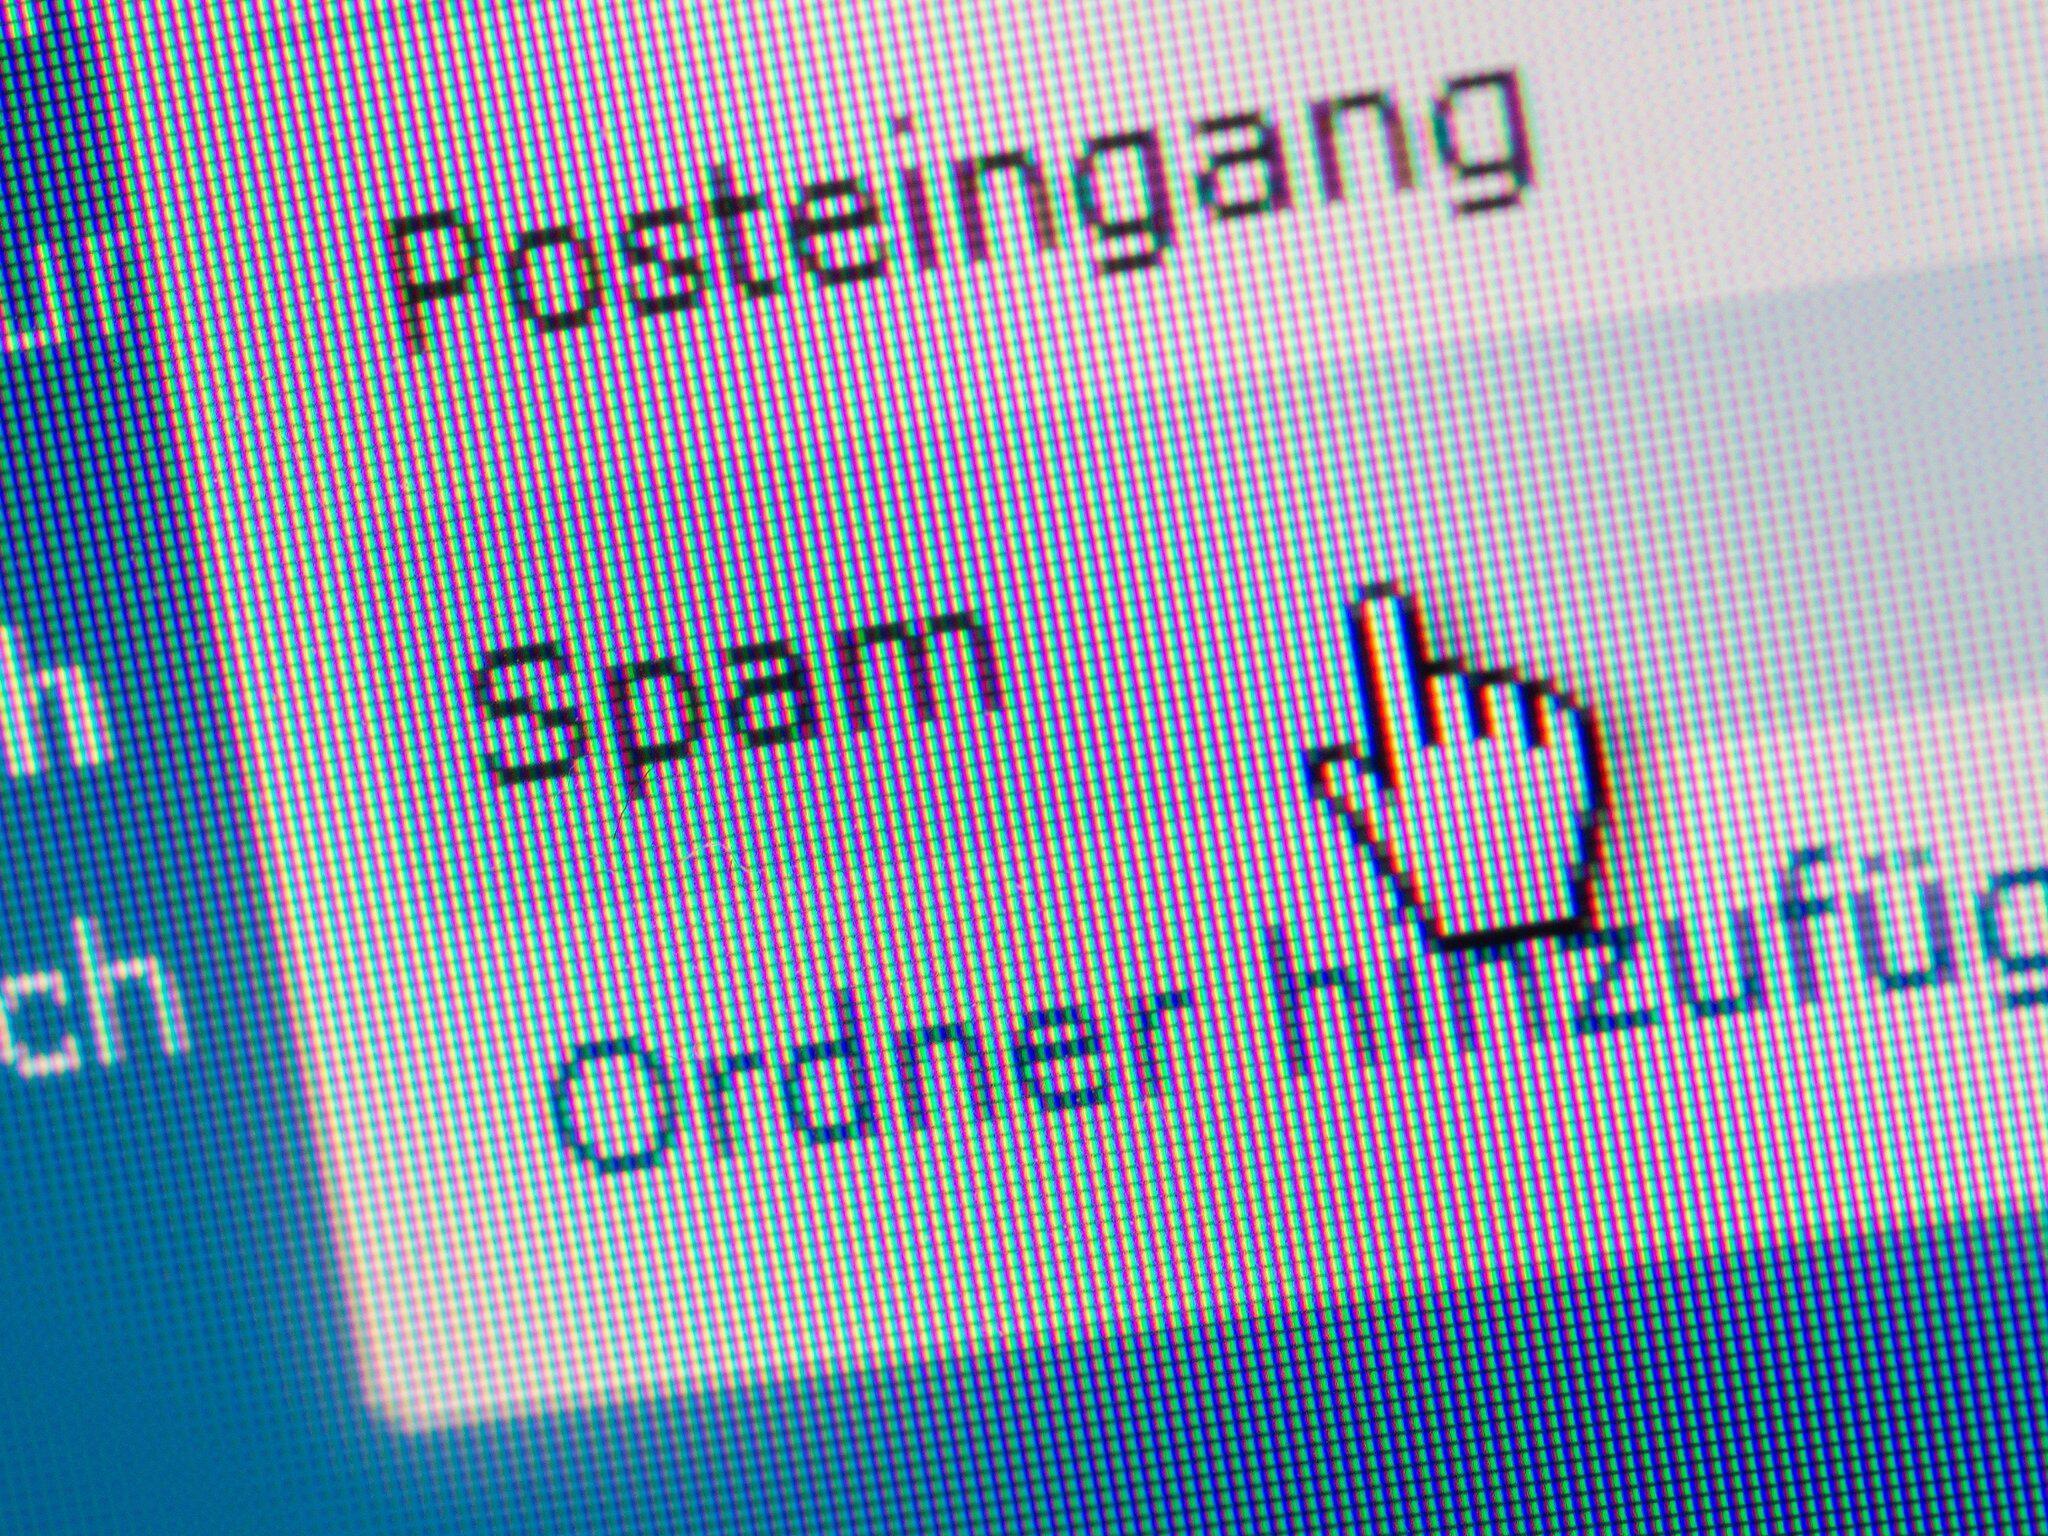 Bild zu Schadsoftware: Warnung vor Spam-Mails in Namen von Behörden